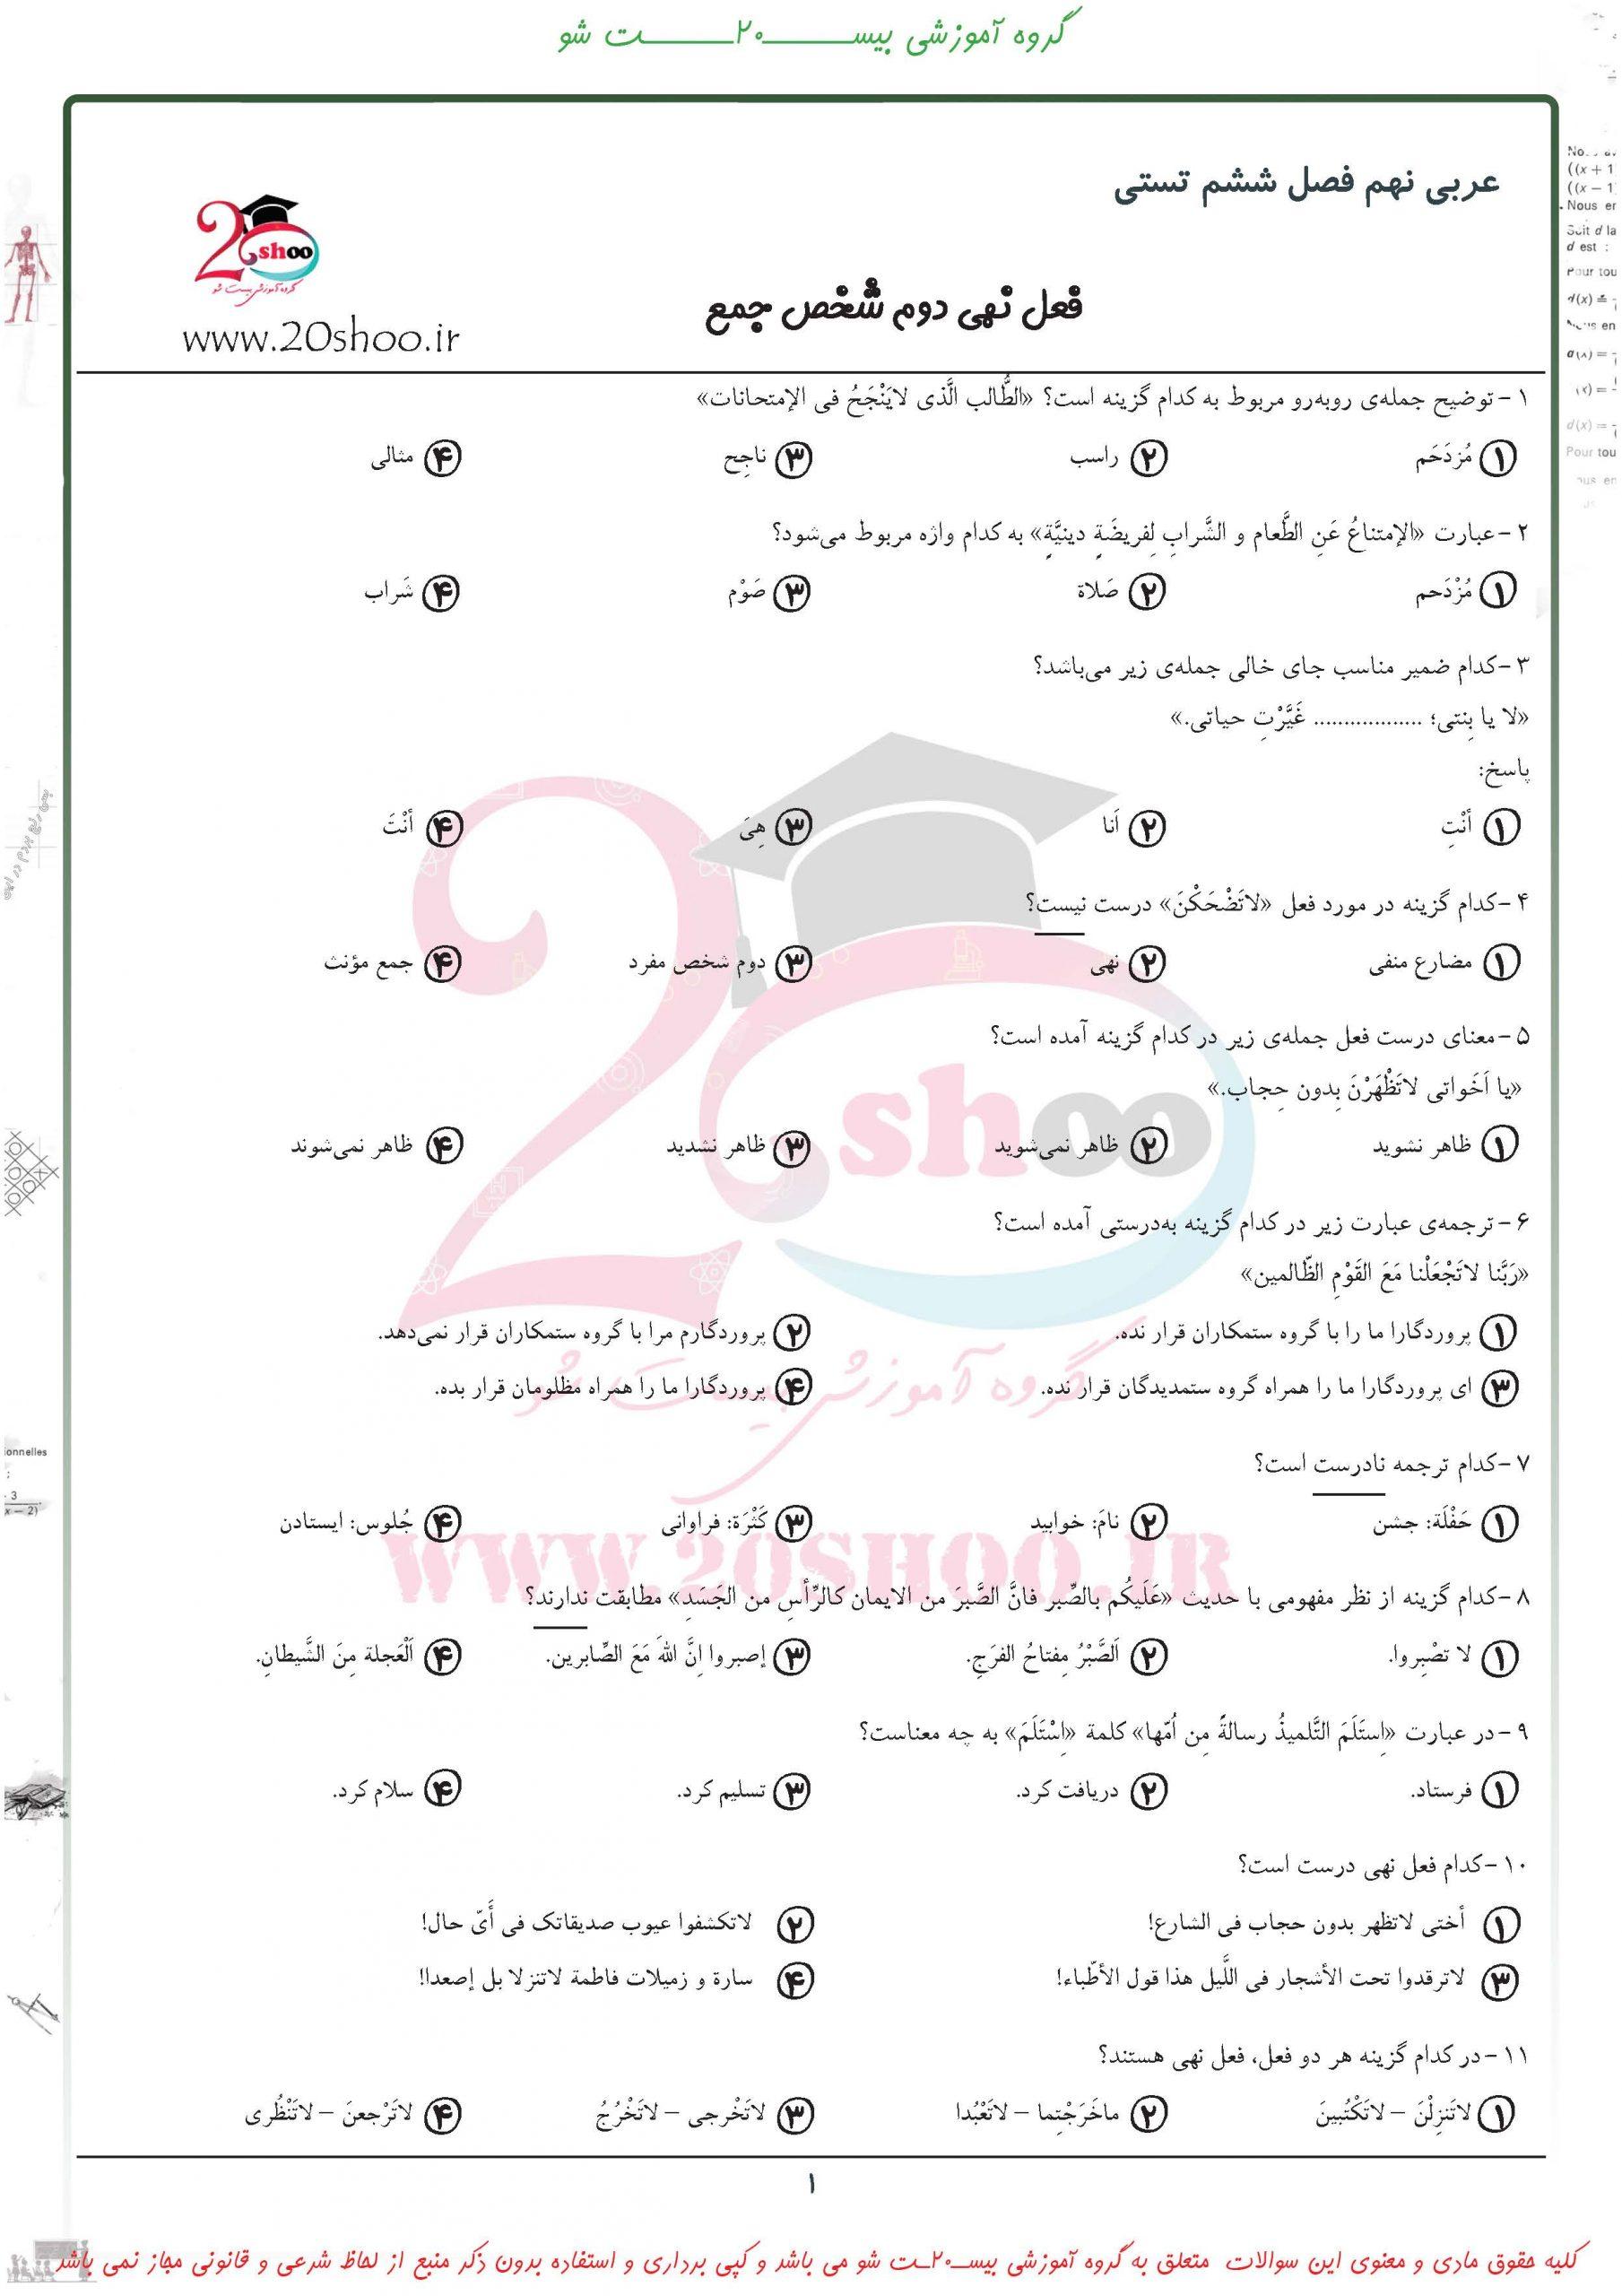 سوالات تستی عربی نهم فصل ششم با جواب